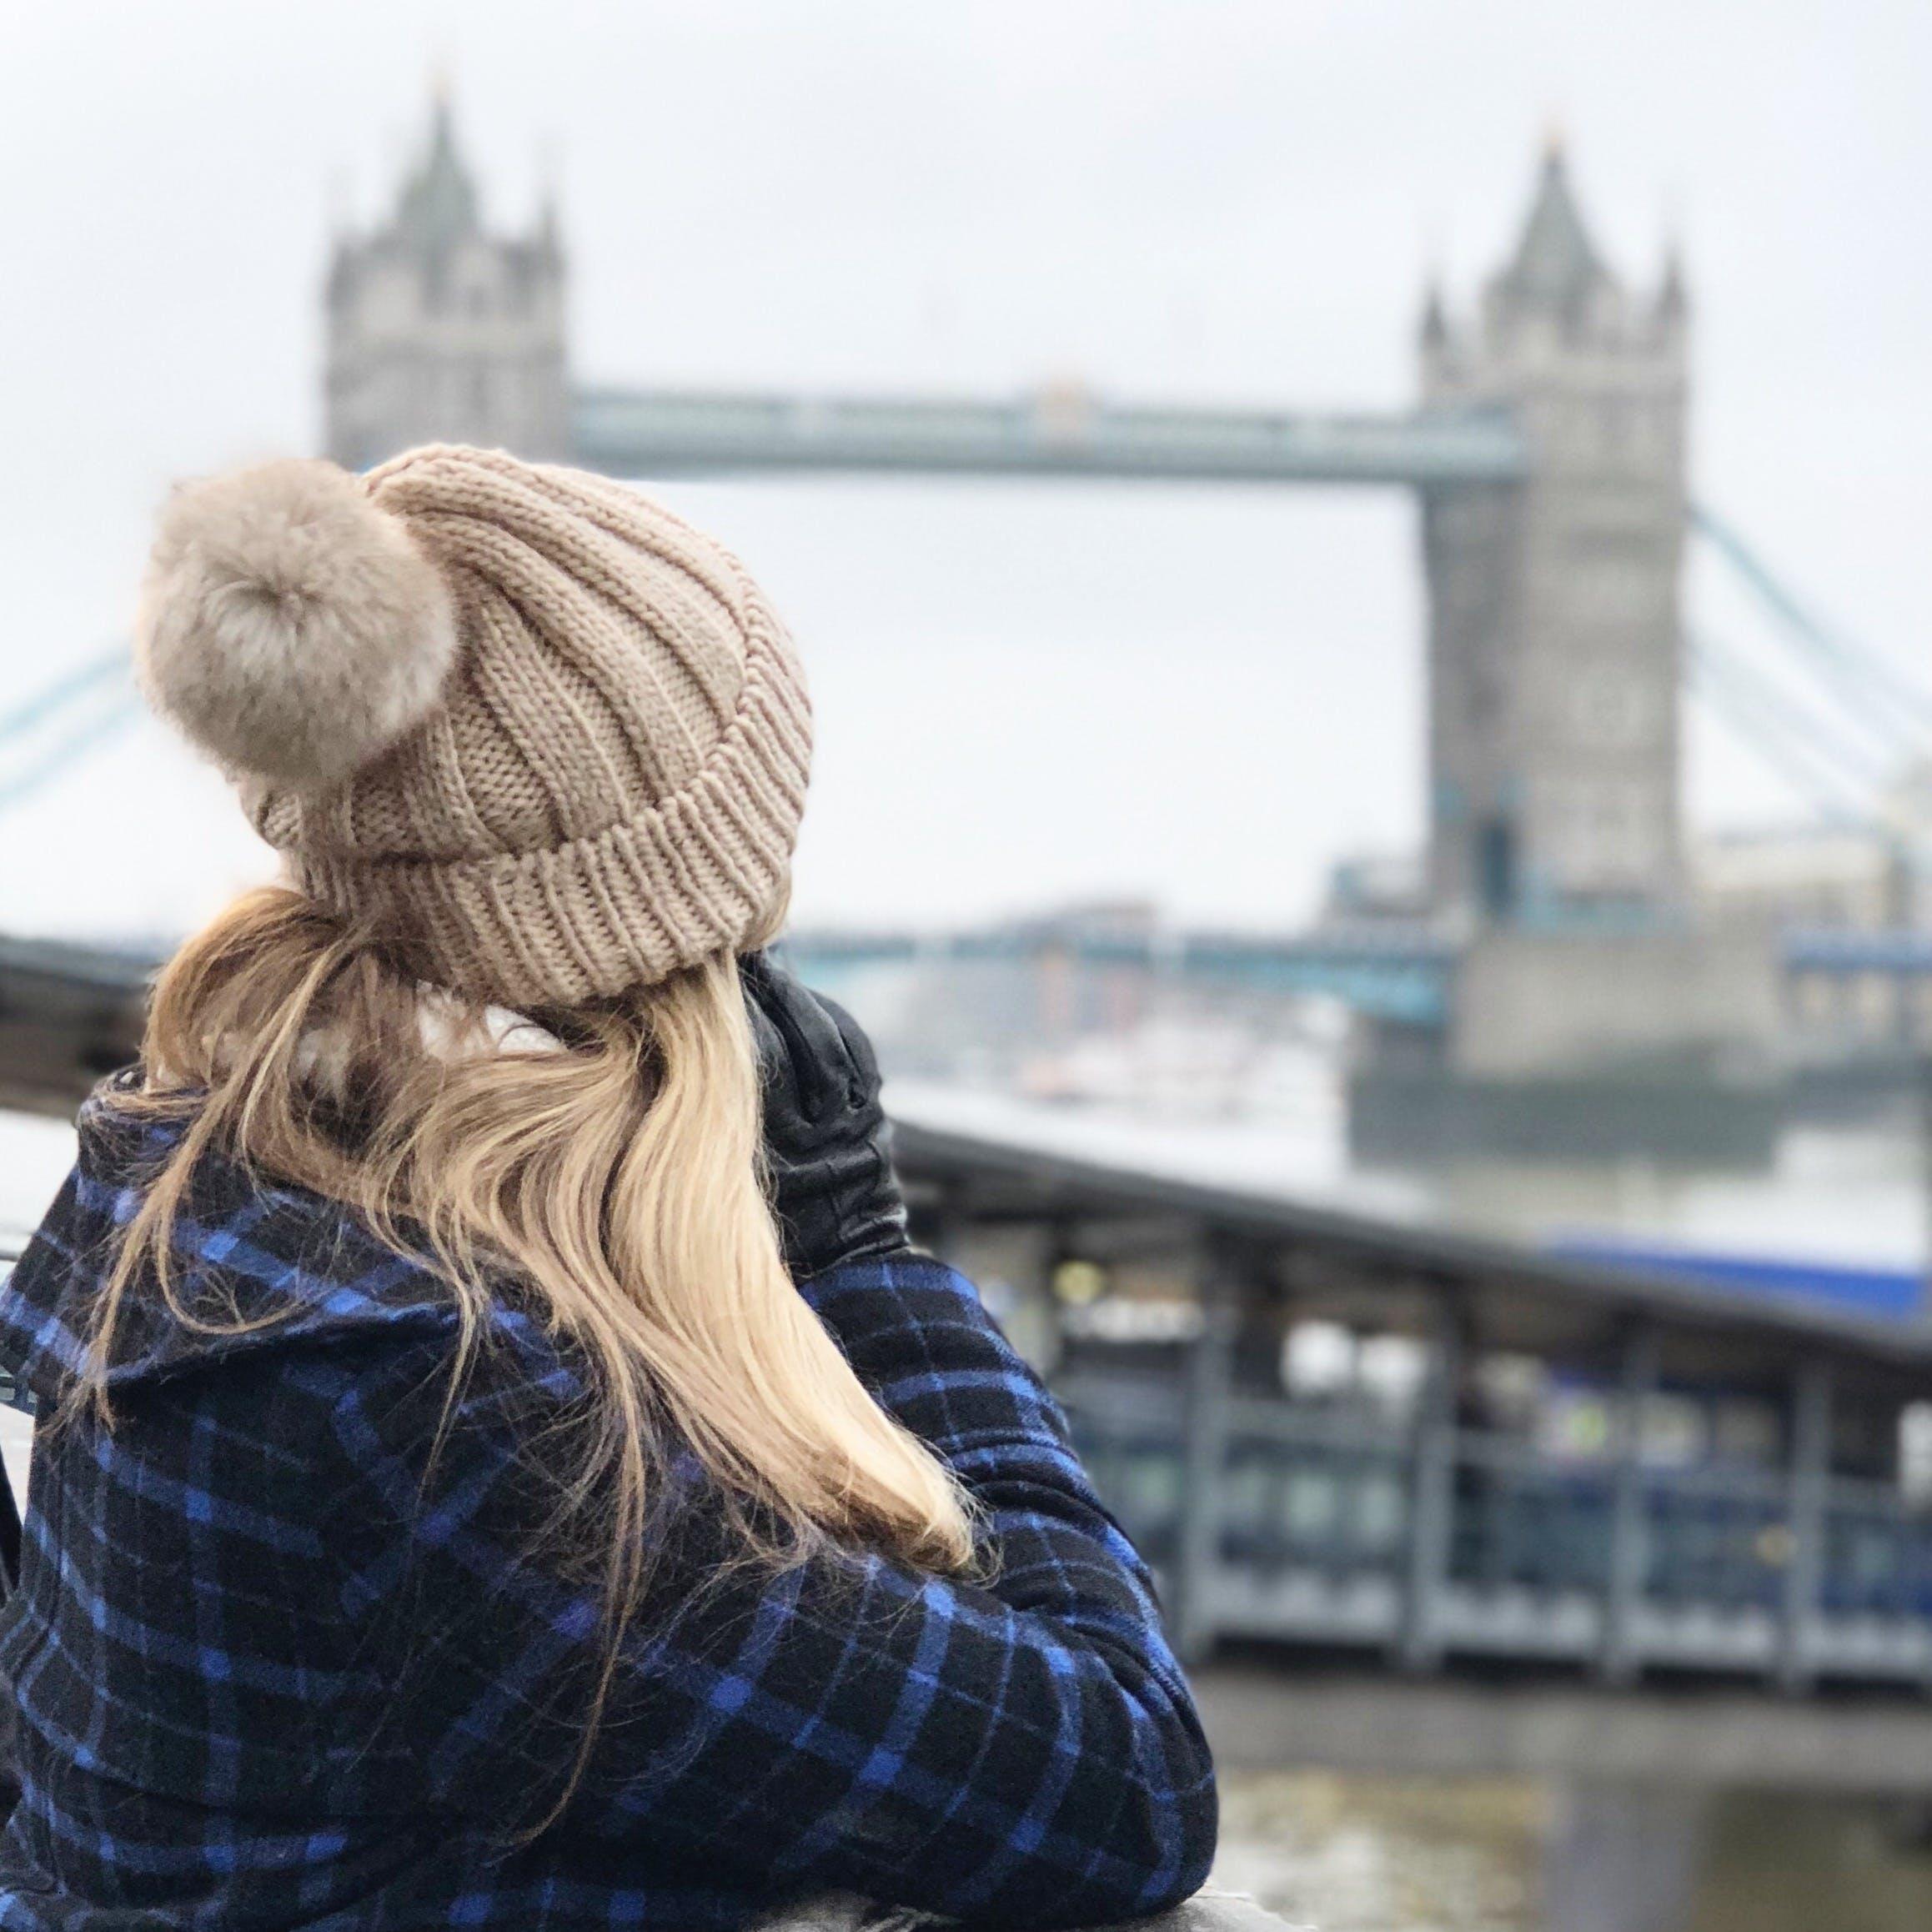 Δωρεάν στοκ φωτογραφιών με άνθρωπος, αστικός, γάντι, γέφυρα